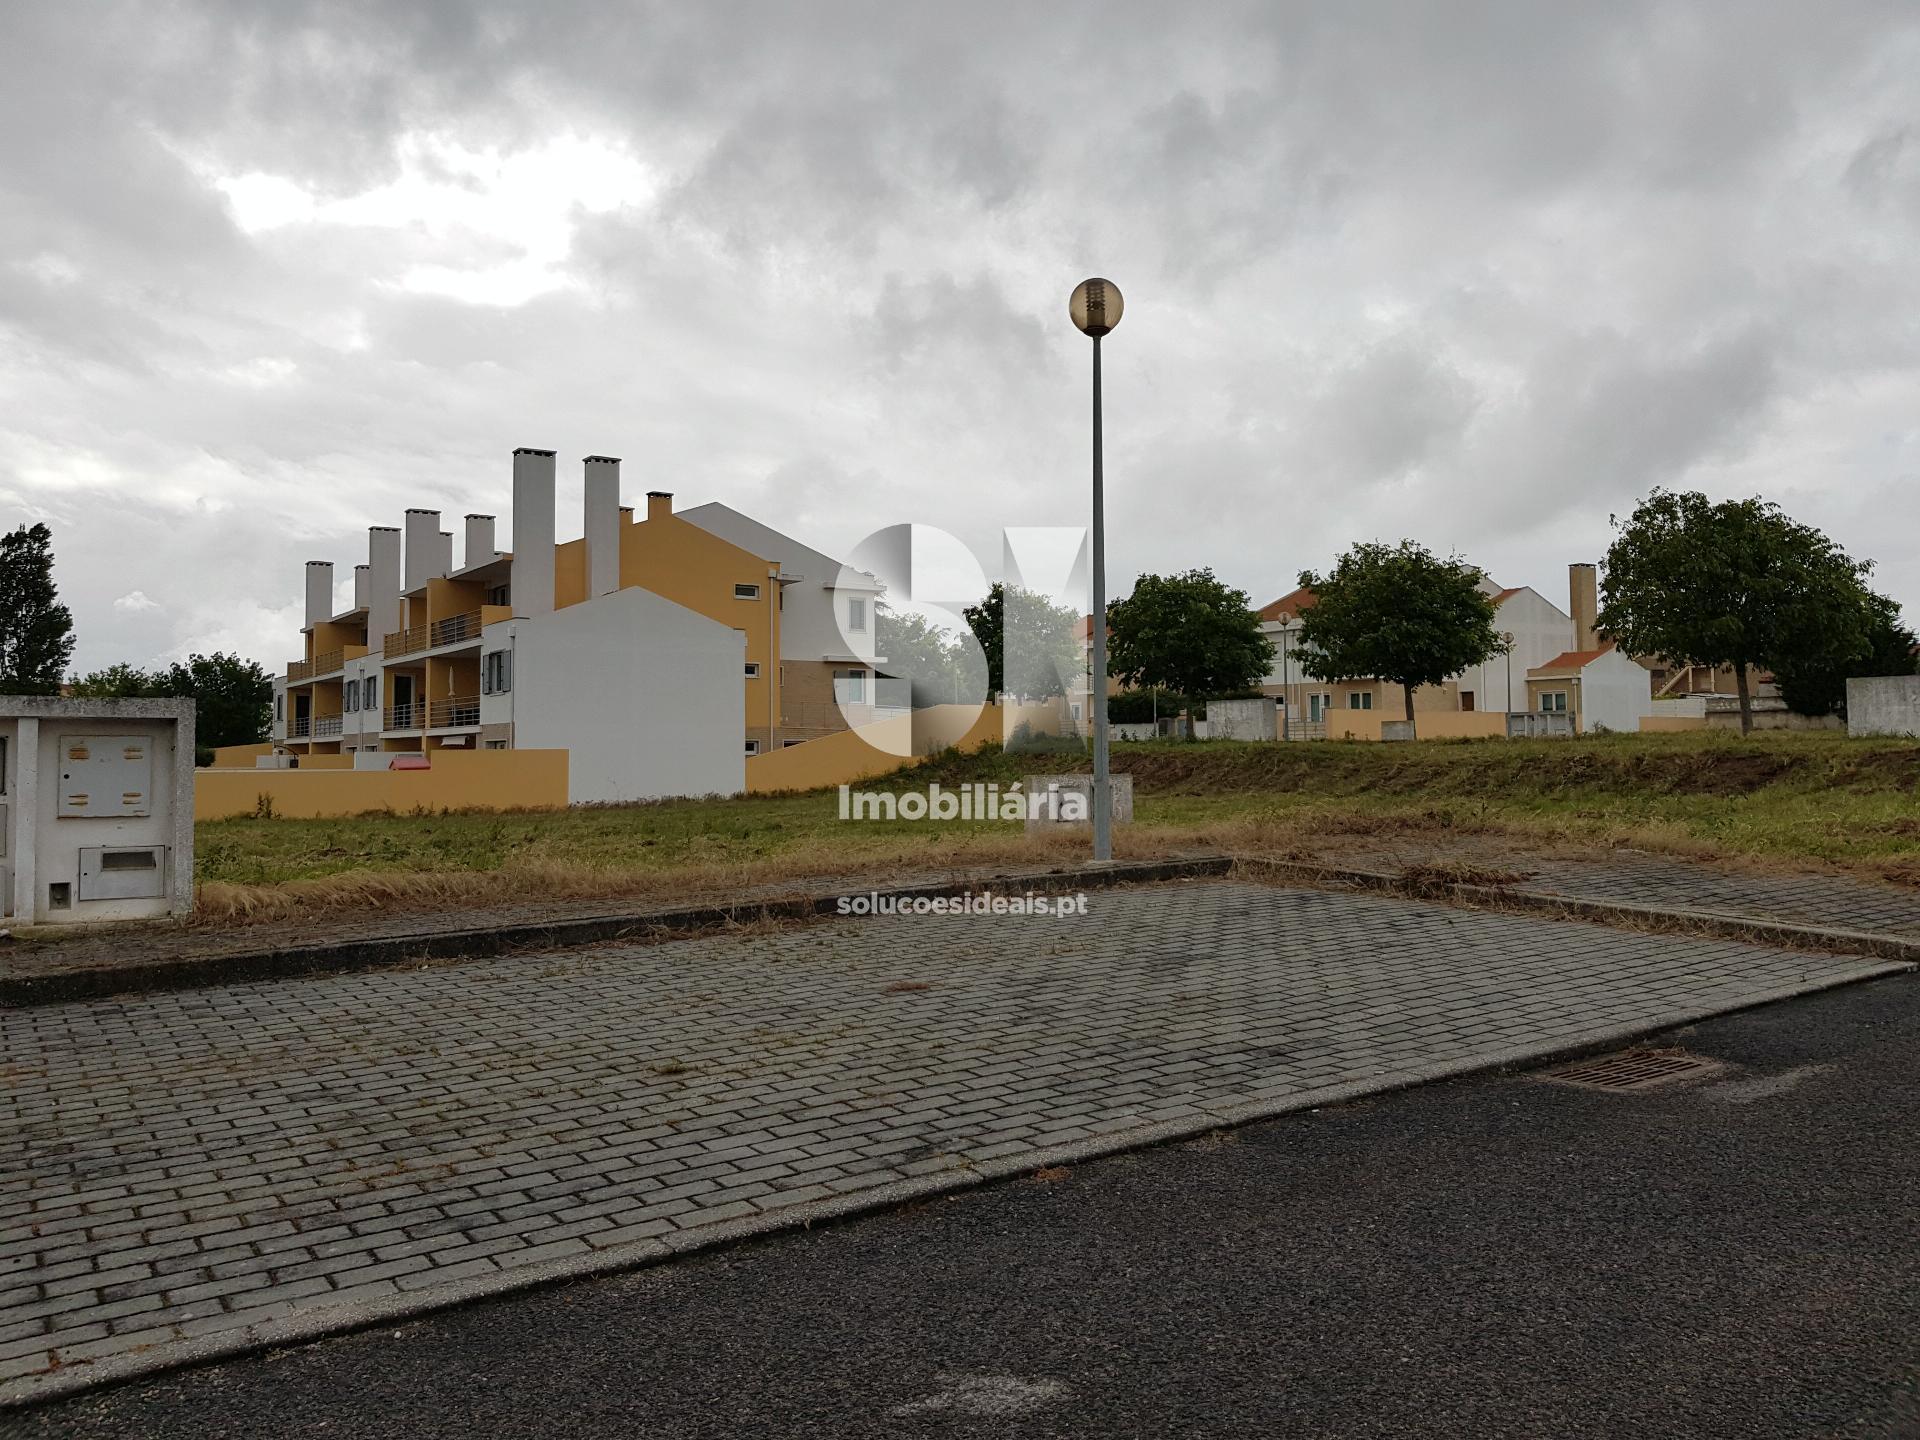 terreno para compra em torres vedras uniao das freguesias de campelos e outeiro da cabeca LFCLM461_9